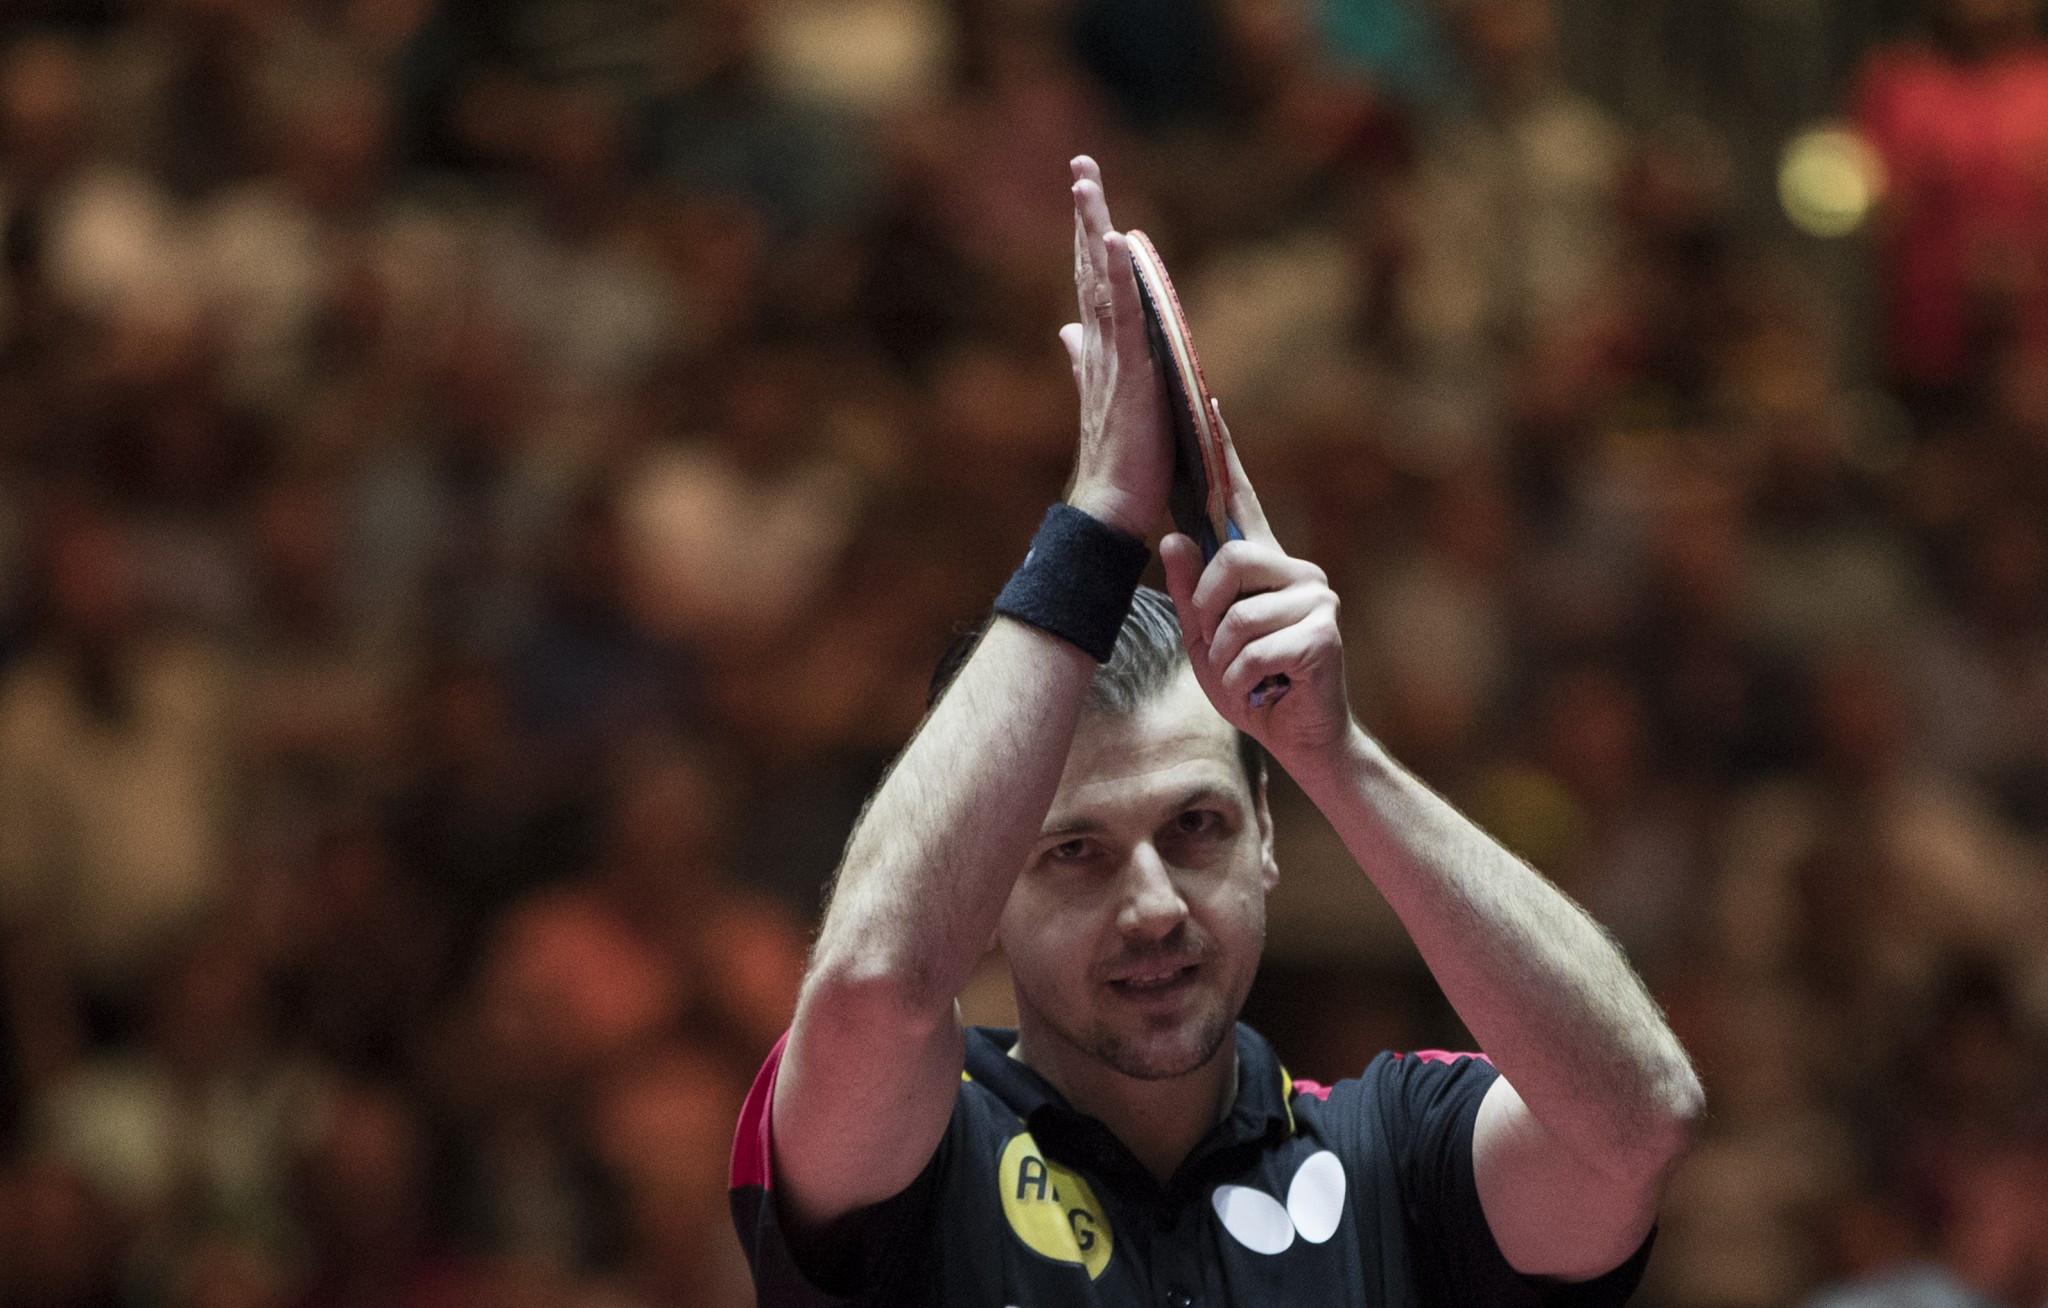 Boll seeks 20th ITTF World Tour win at Czech Open